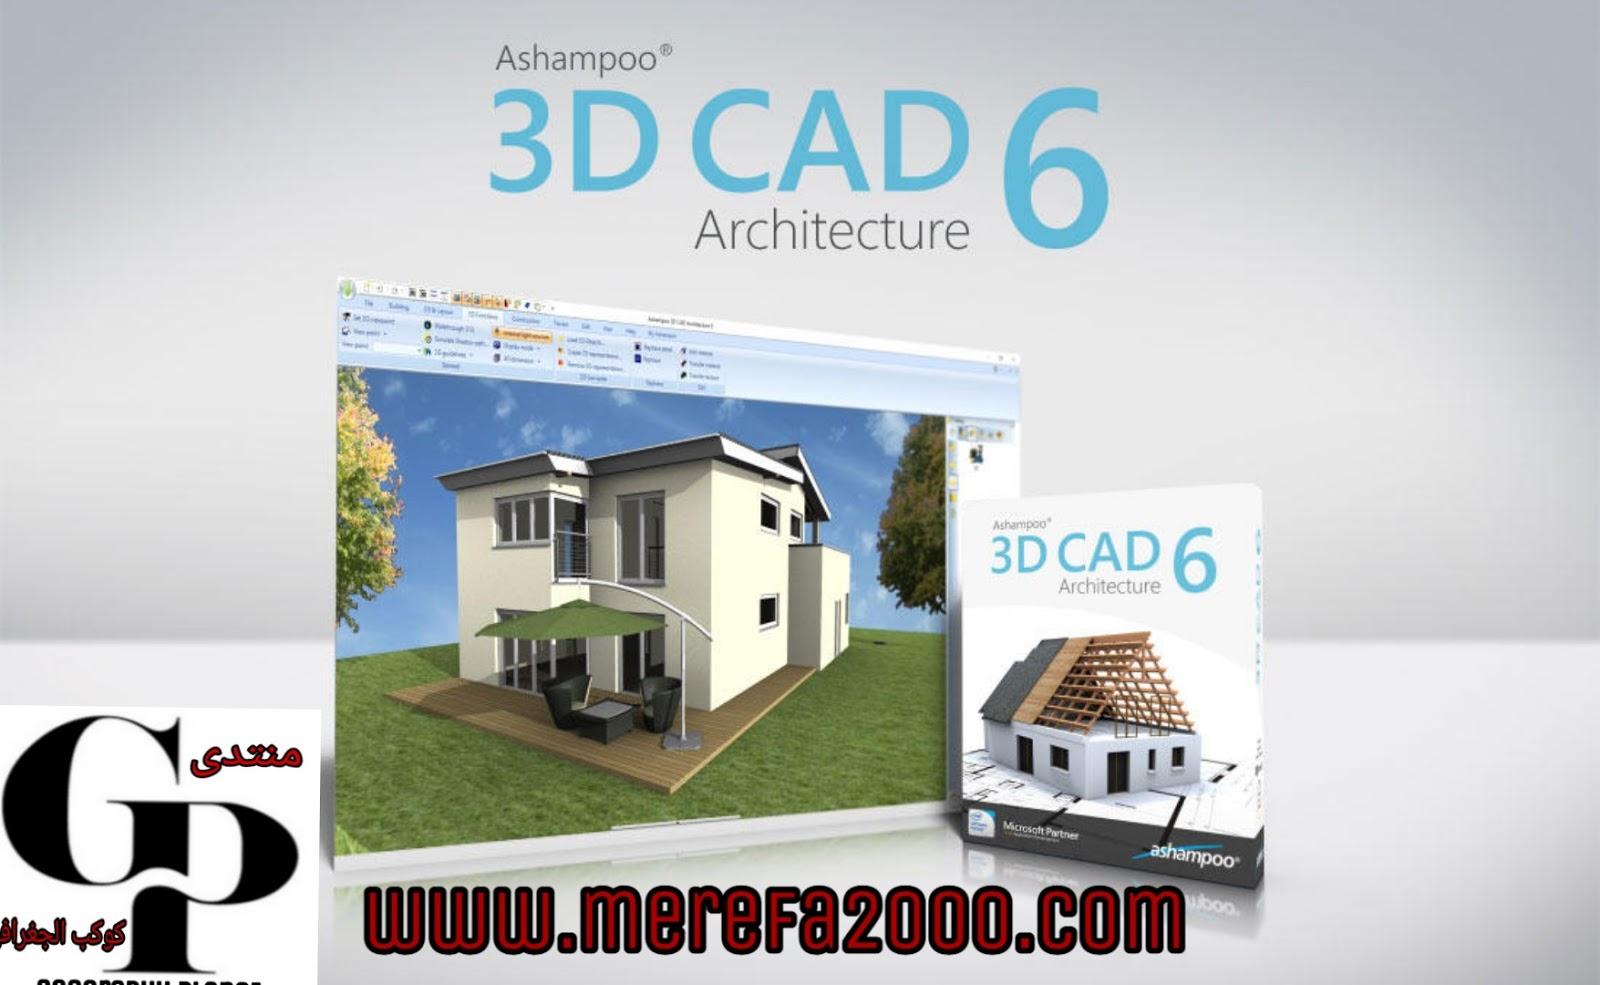 تحميل برنامج الرسم الهندسي 3d Cad Architecture 6 ثلاثي الأبعاد